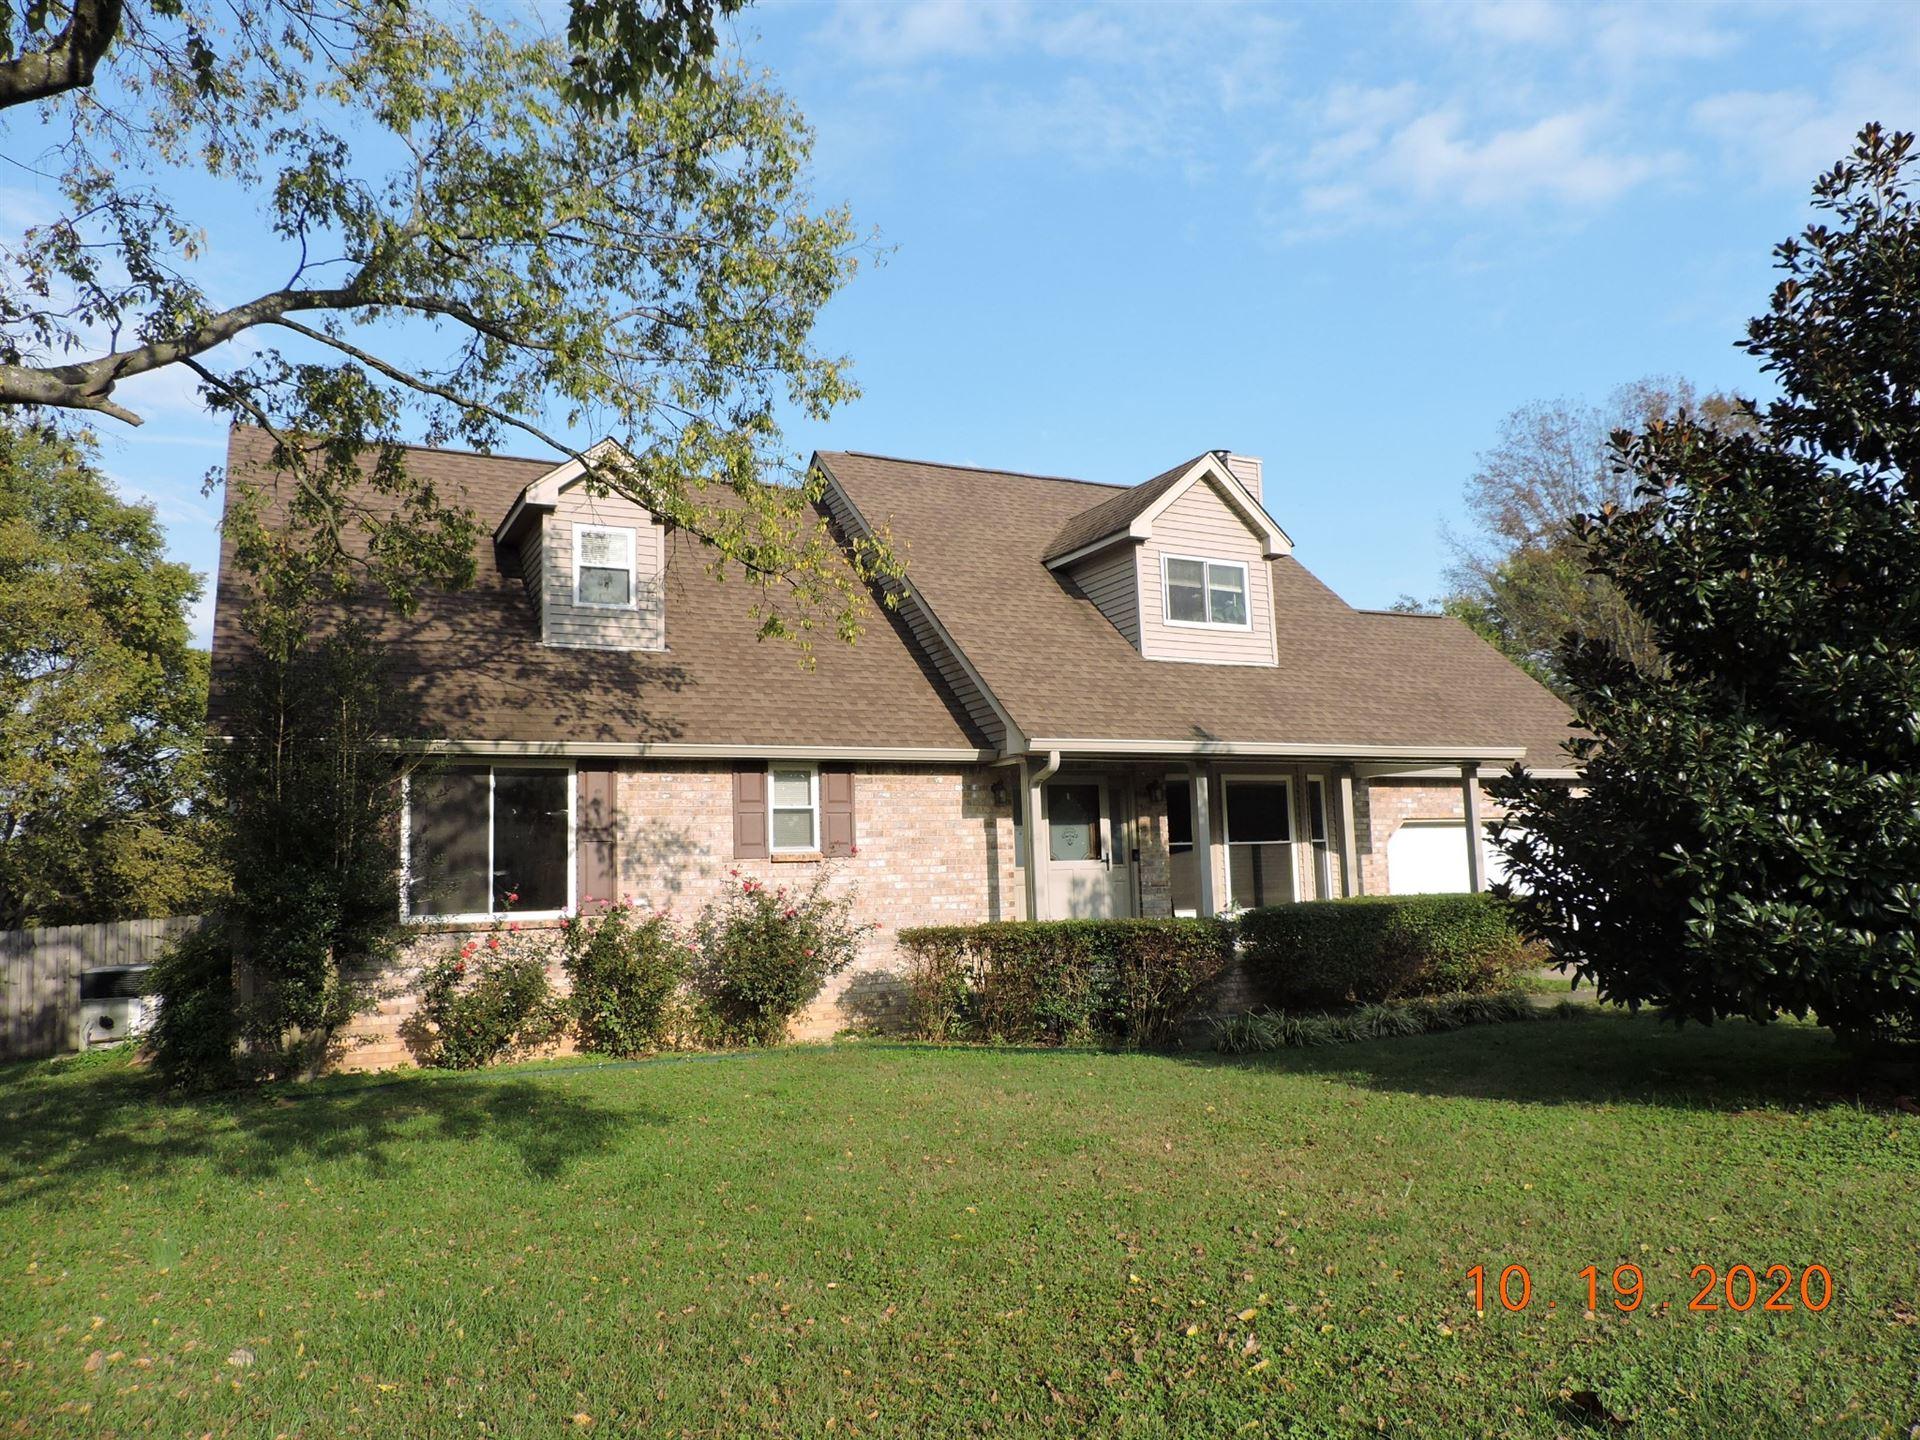 116 Sugar Creek Ln, Smyrna, TN 37167 - MLS#: 2198678